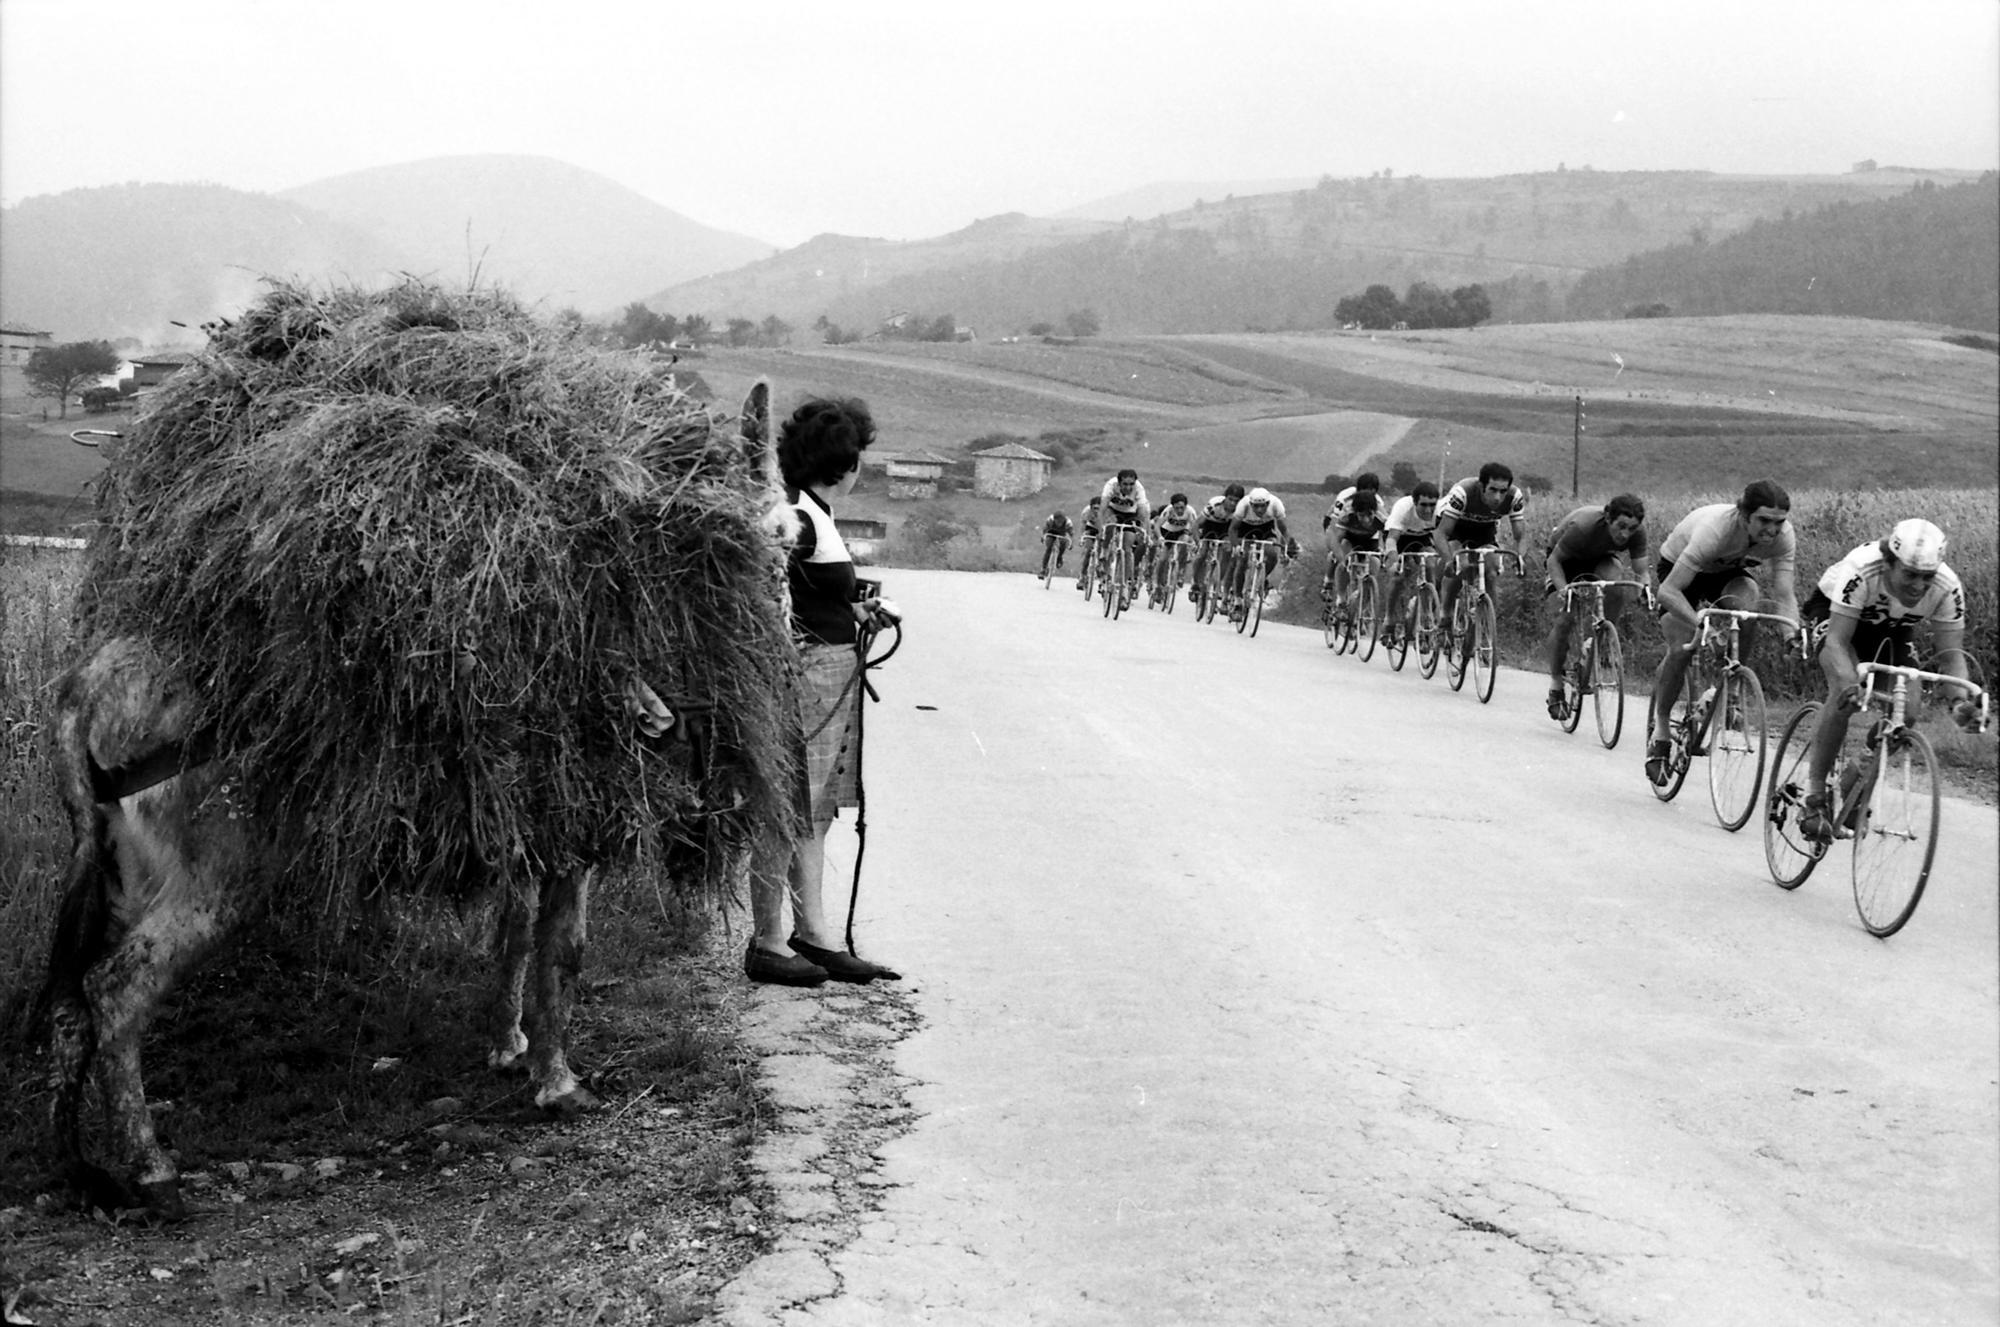 Burro con su carga al paso de los esforzados de la ruta. h. 1970